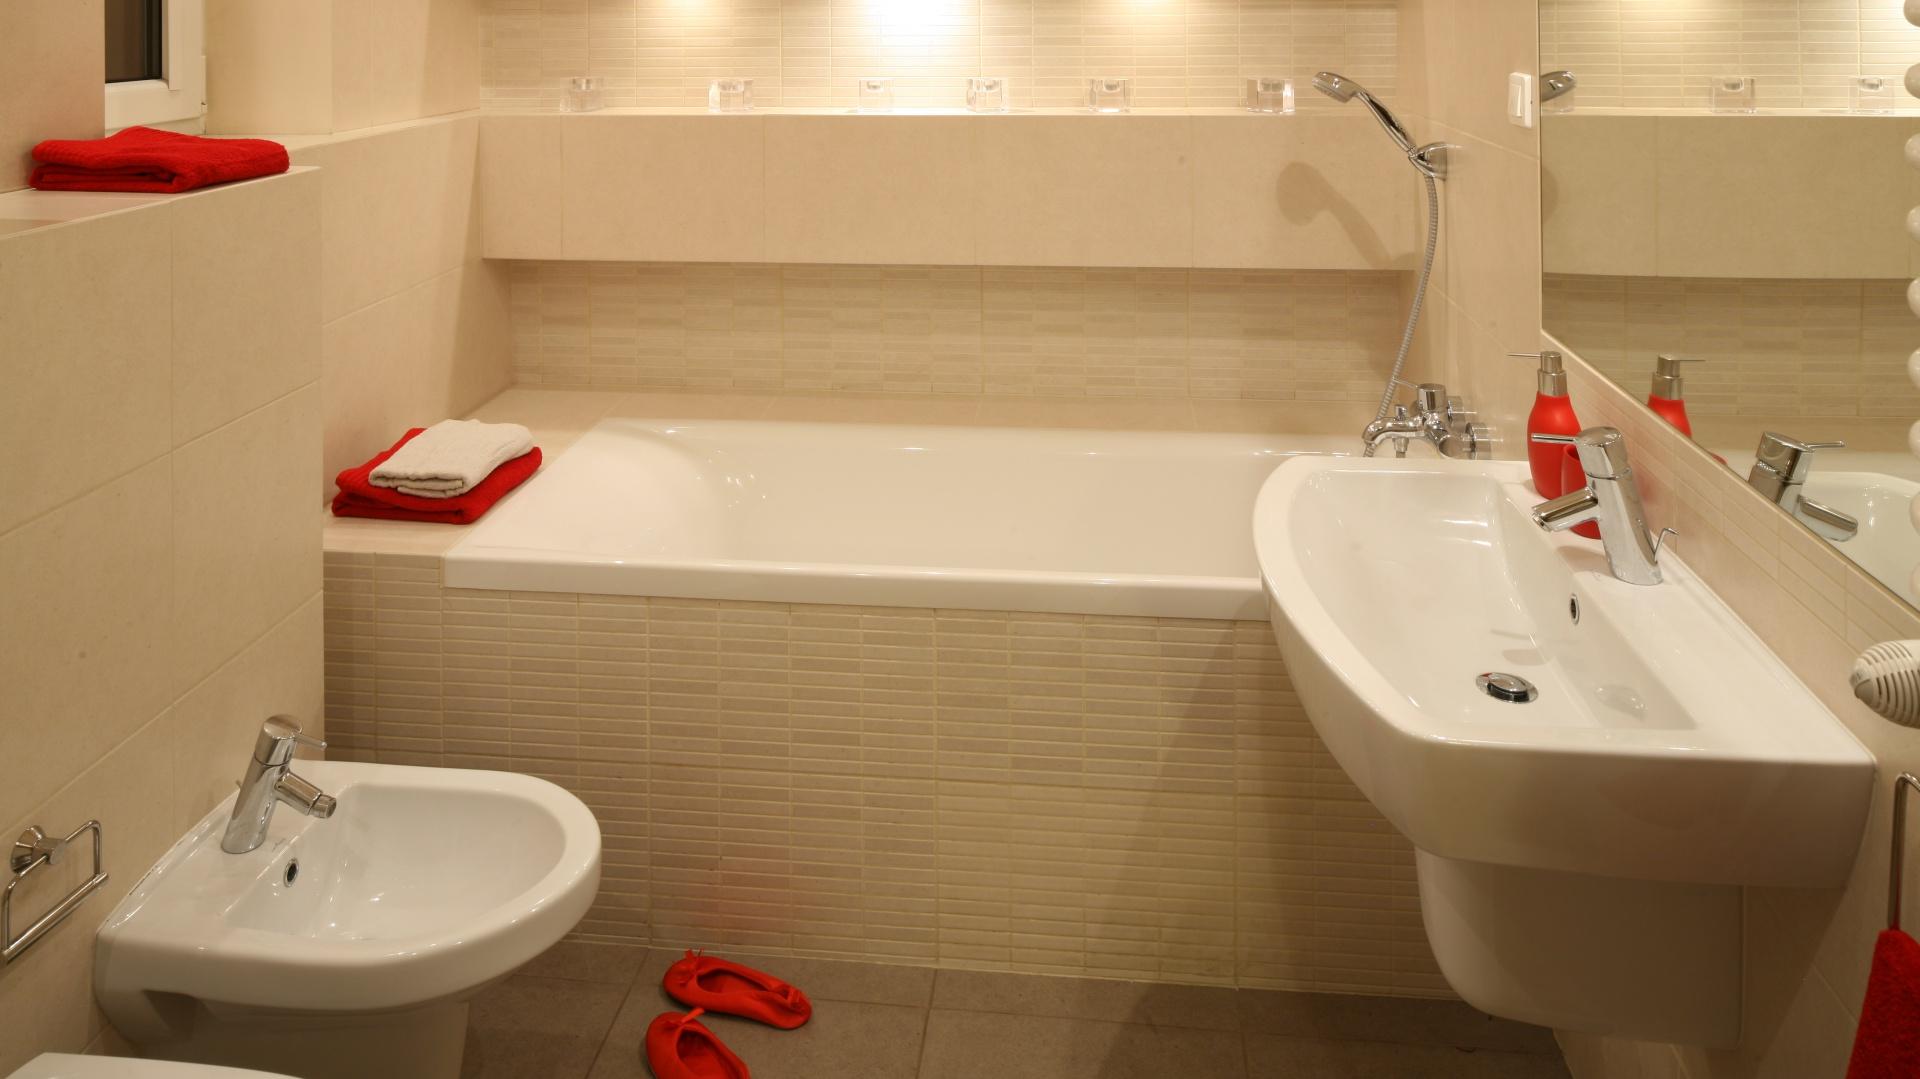 W skąpanej w beżach łazience panuje aura spokoju i relaksu, a czerwone dodatki sprawiają, że aranżacja ma wyrazisty charakter. Projekt: właściciele. Fot. Bartosz Jarosz.